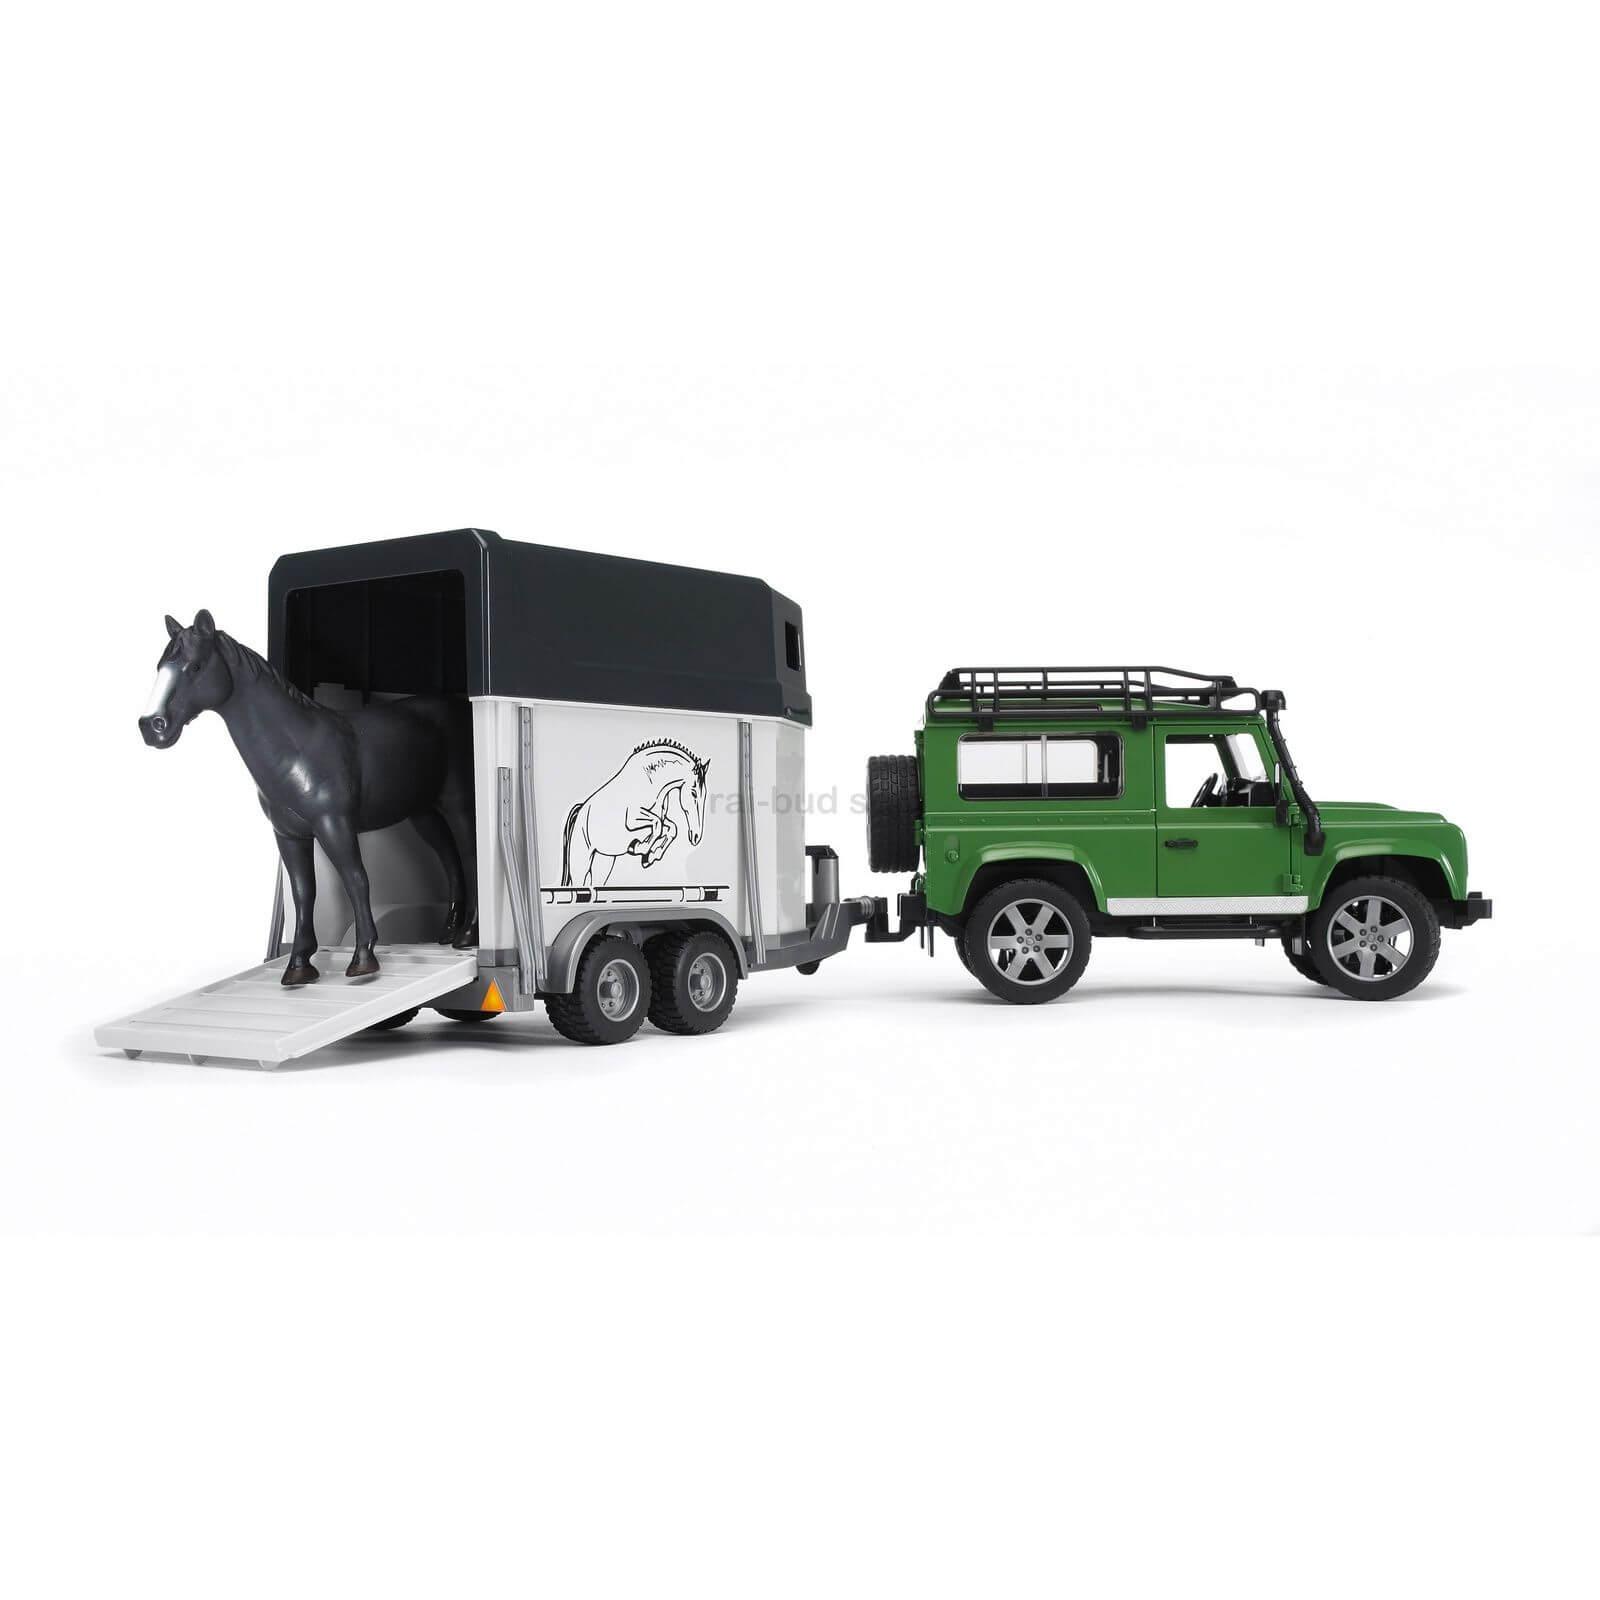 Bruder Land Rover Defender With Horse Trailer And Jadrem Toys Coupling